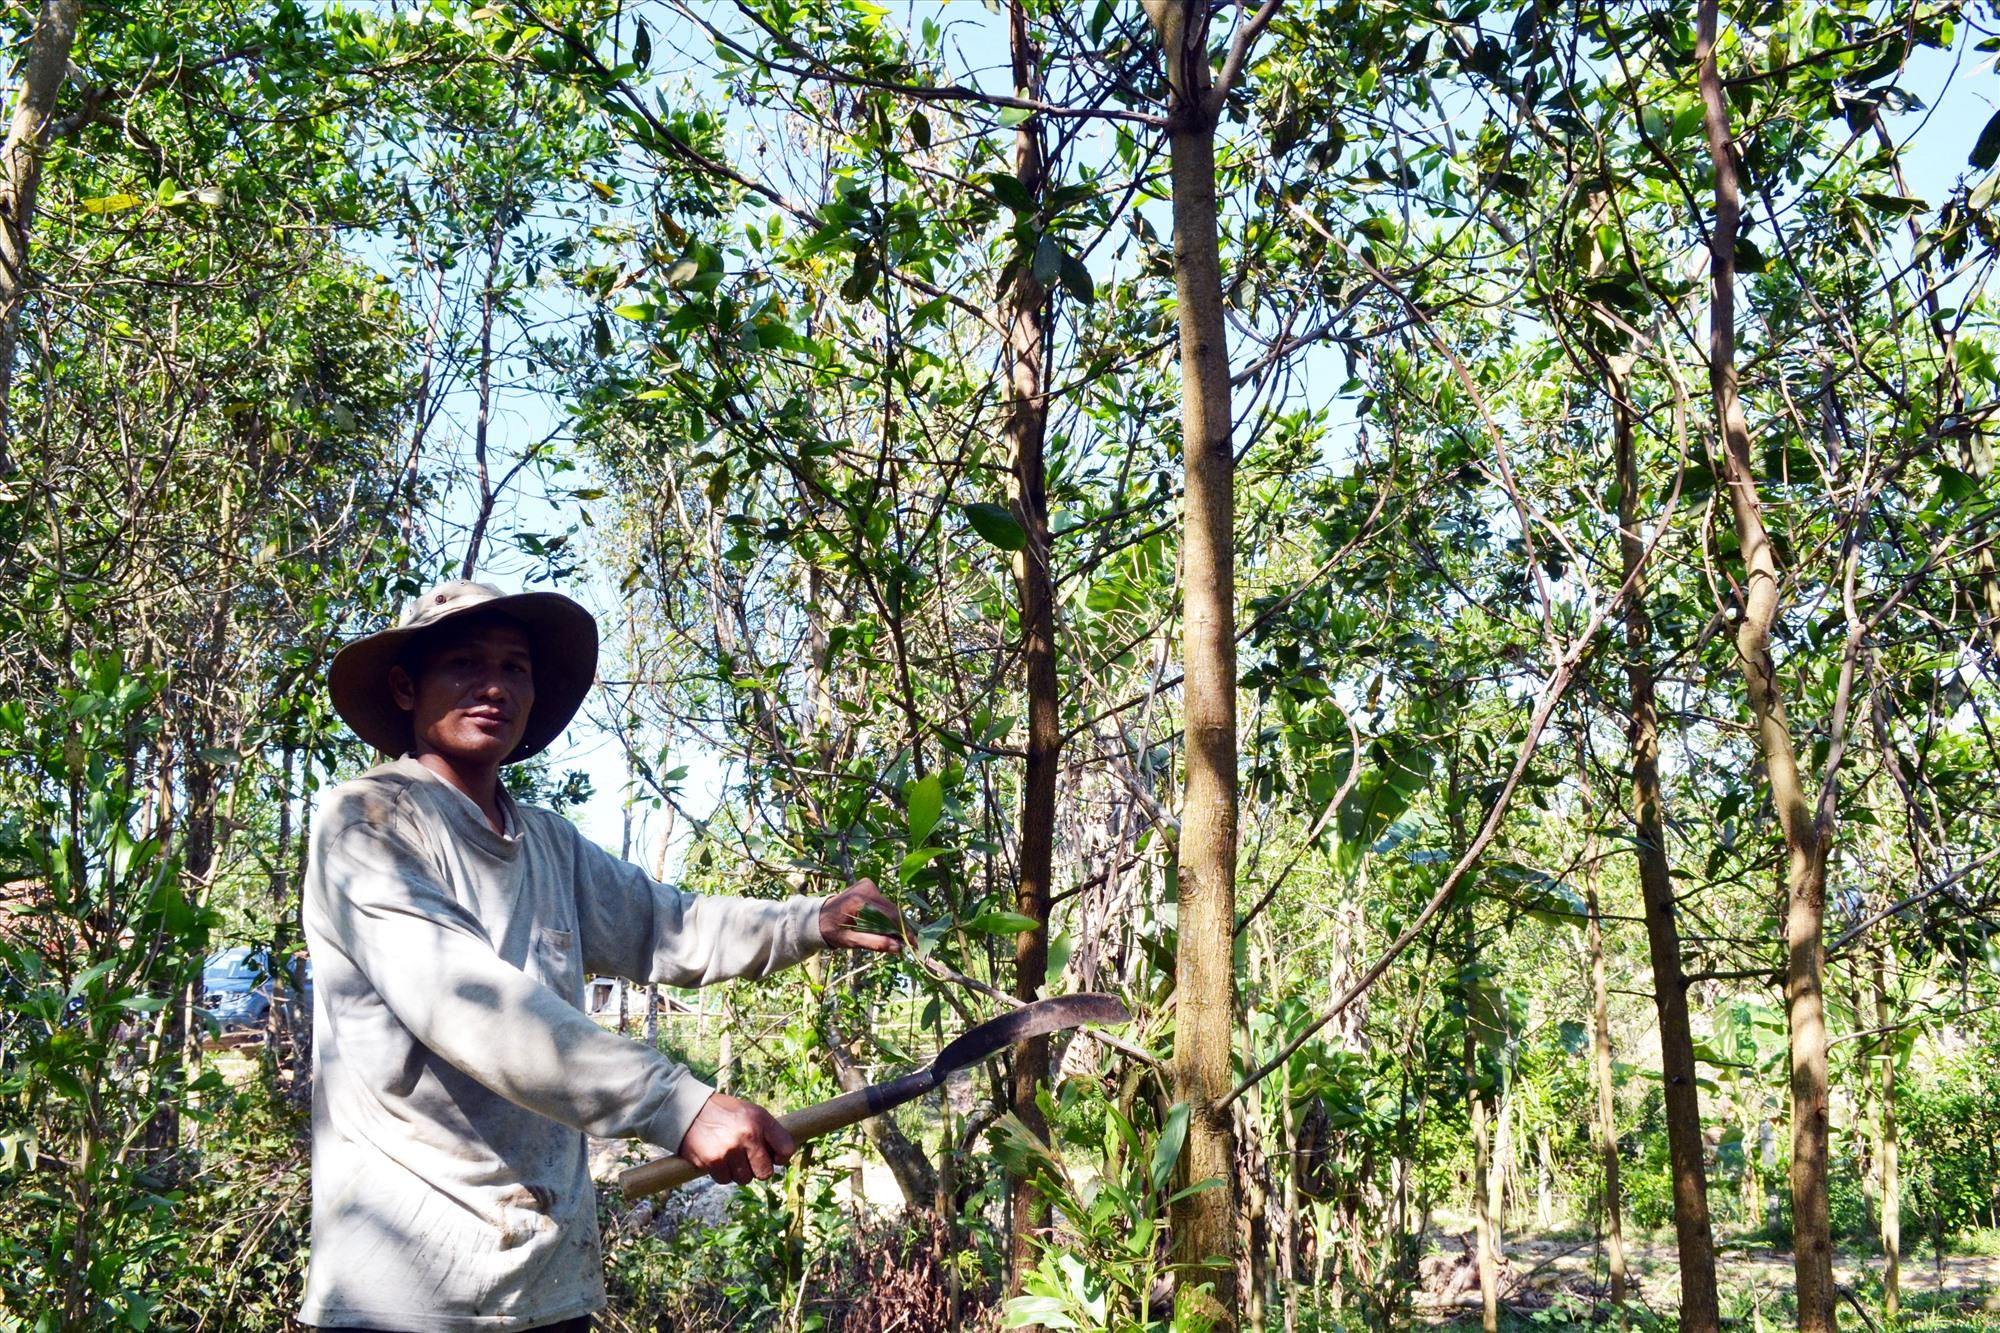 Ông Nguyễn Văn Linh (dân tộc Co) với rừng keo 8ha. Ảnh: VIỆT NGUYỄN